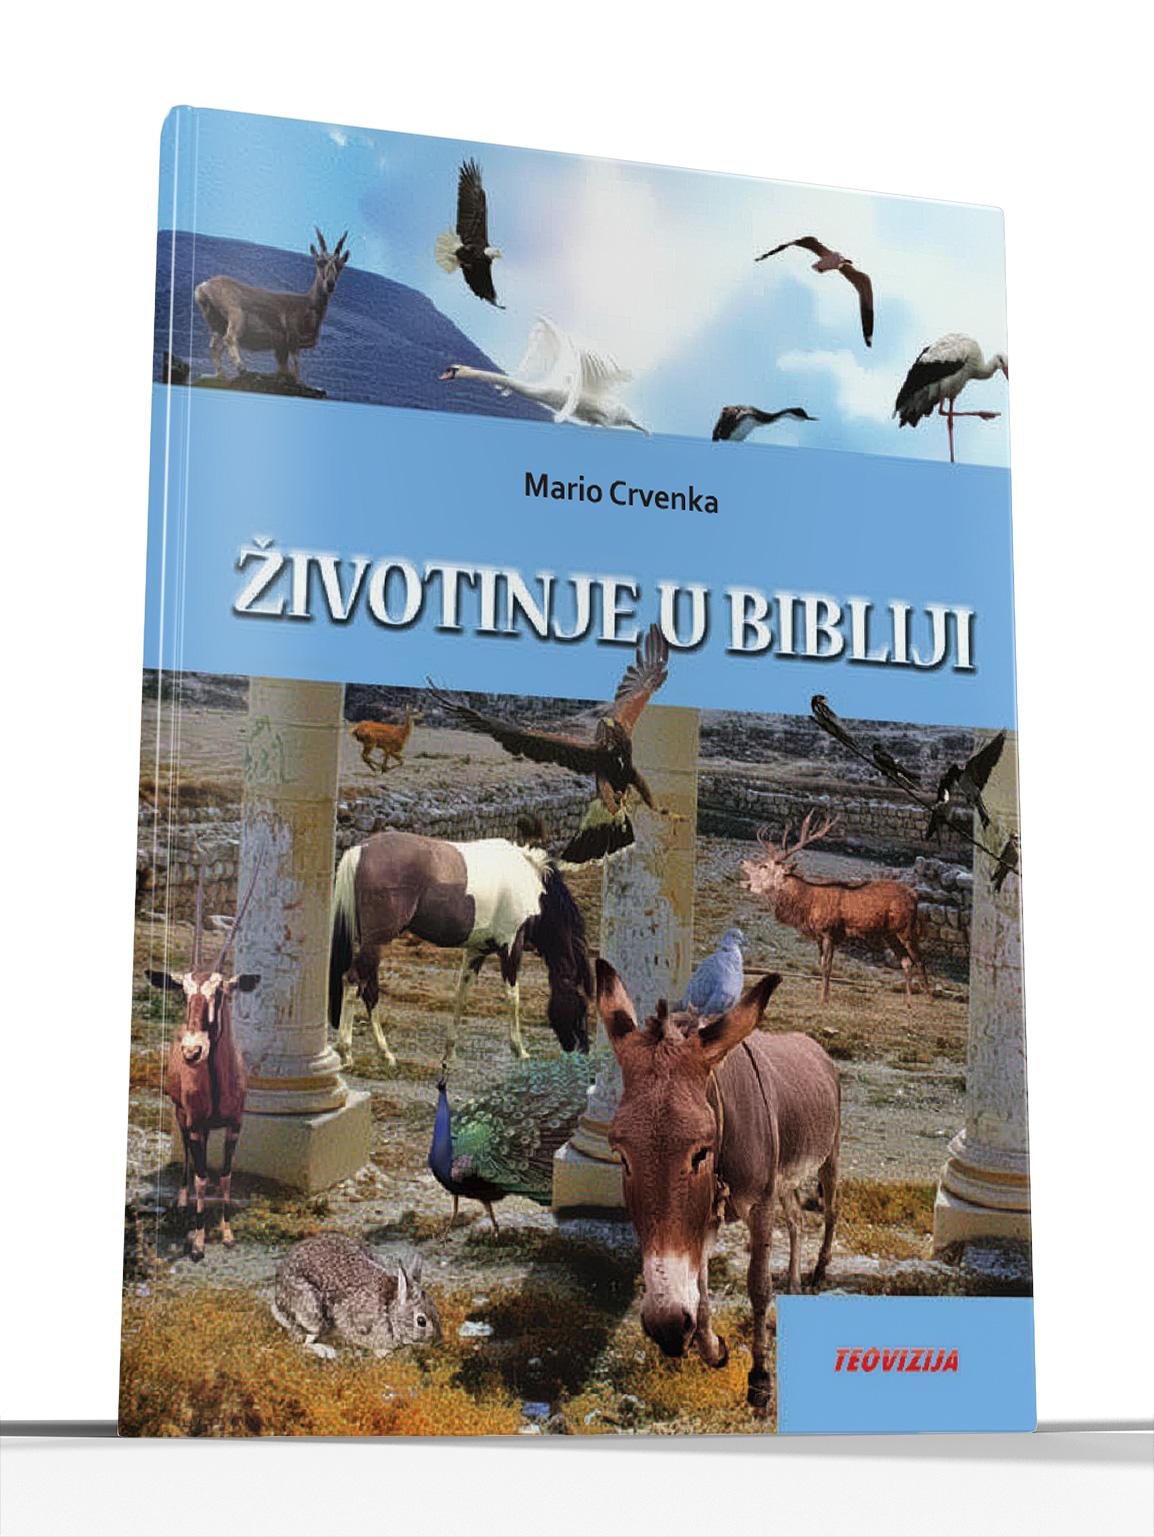 ŽIVOTINJE U BIBLIJI - Mario Crvenka